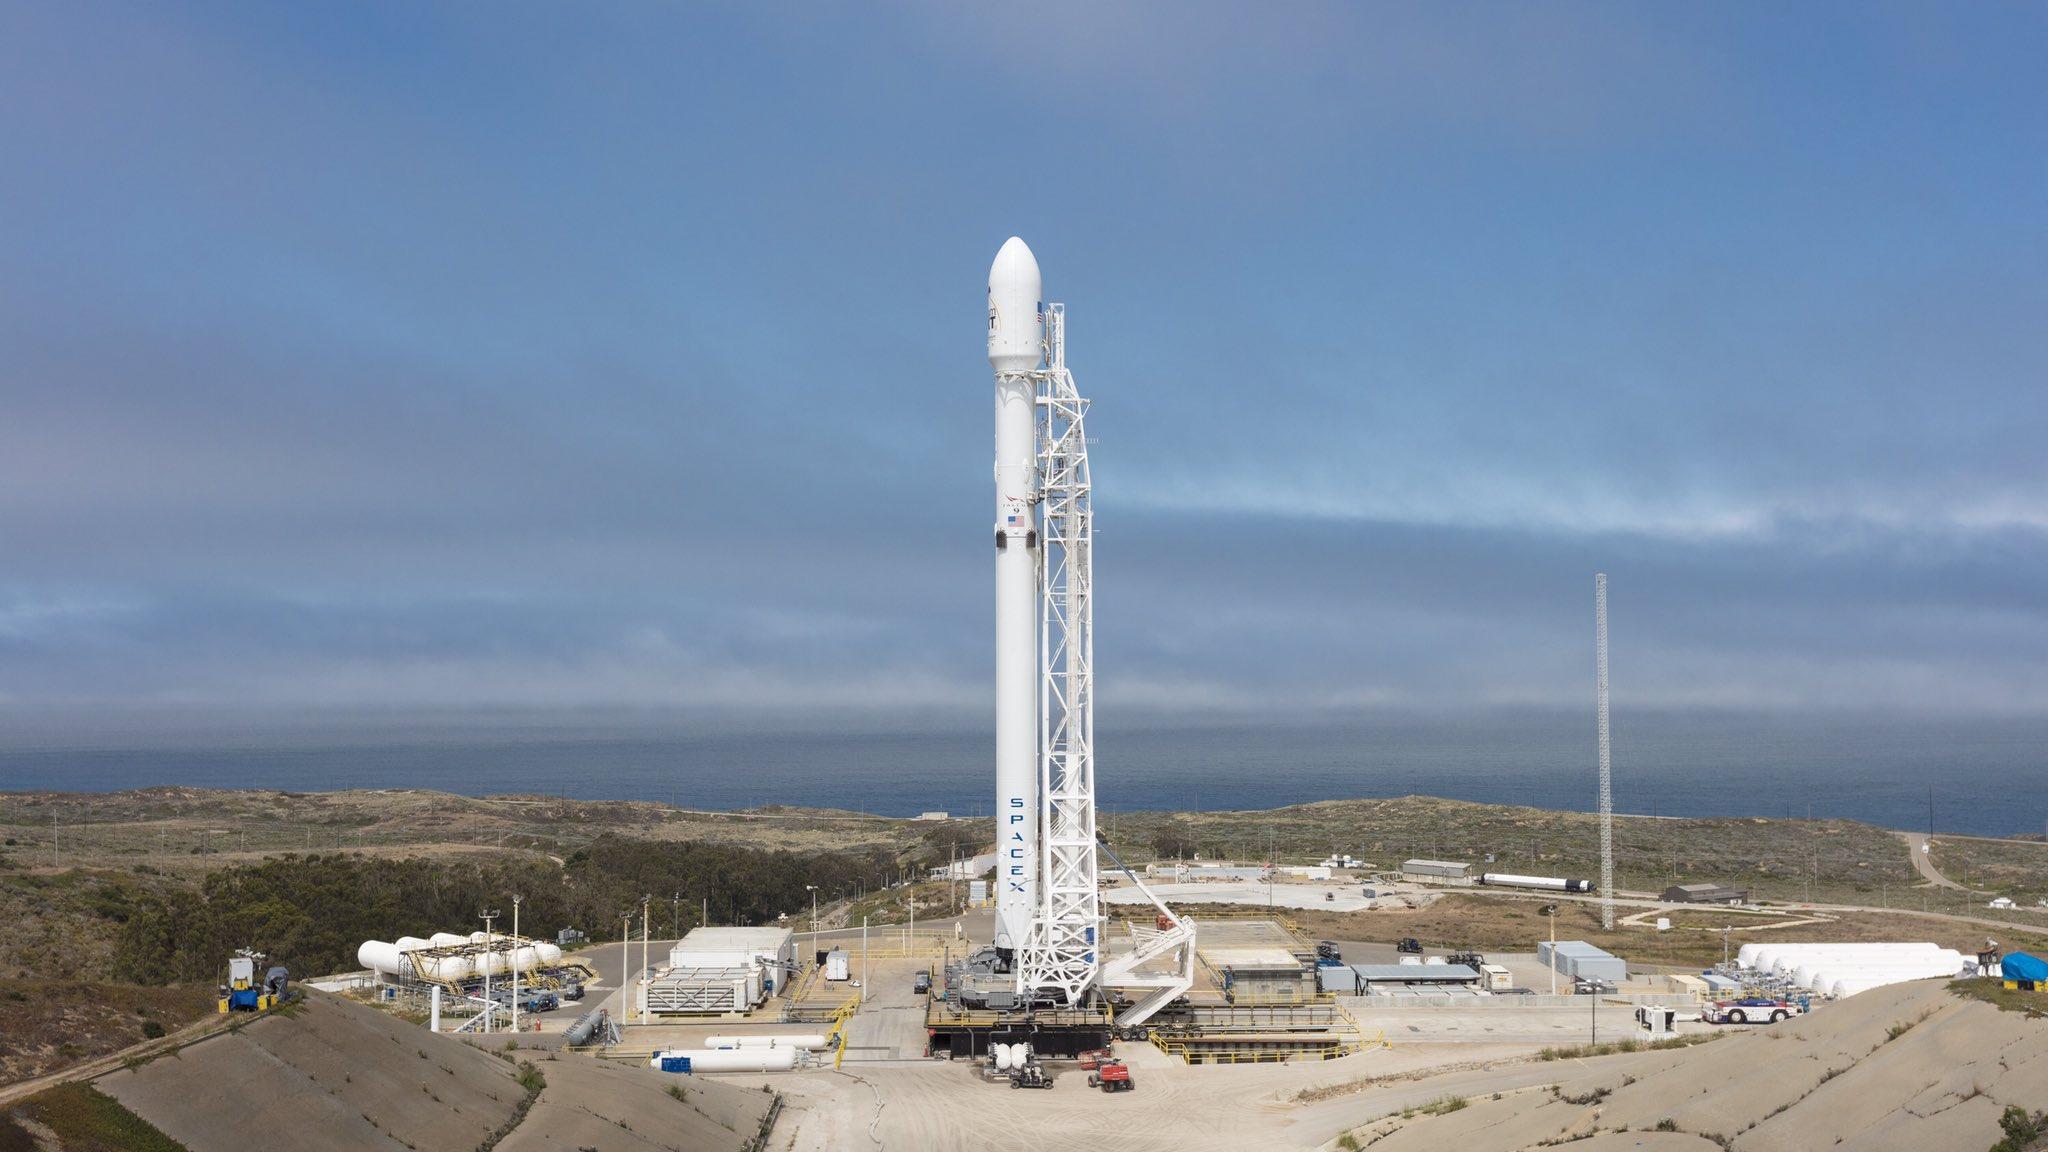 Falcon-9 (Iridium Next 11-20) - 25.06.2017 [succès] - Page 2 DDHips8VwAAS_4i